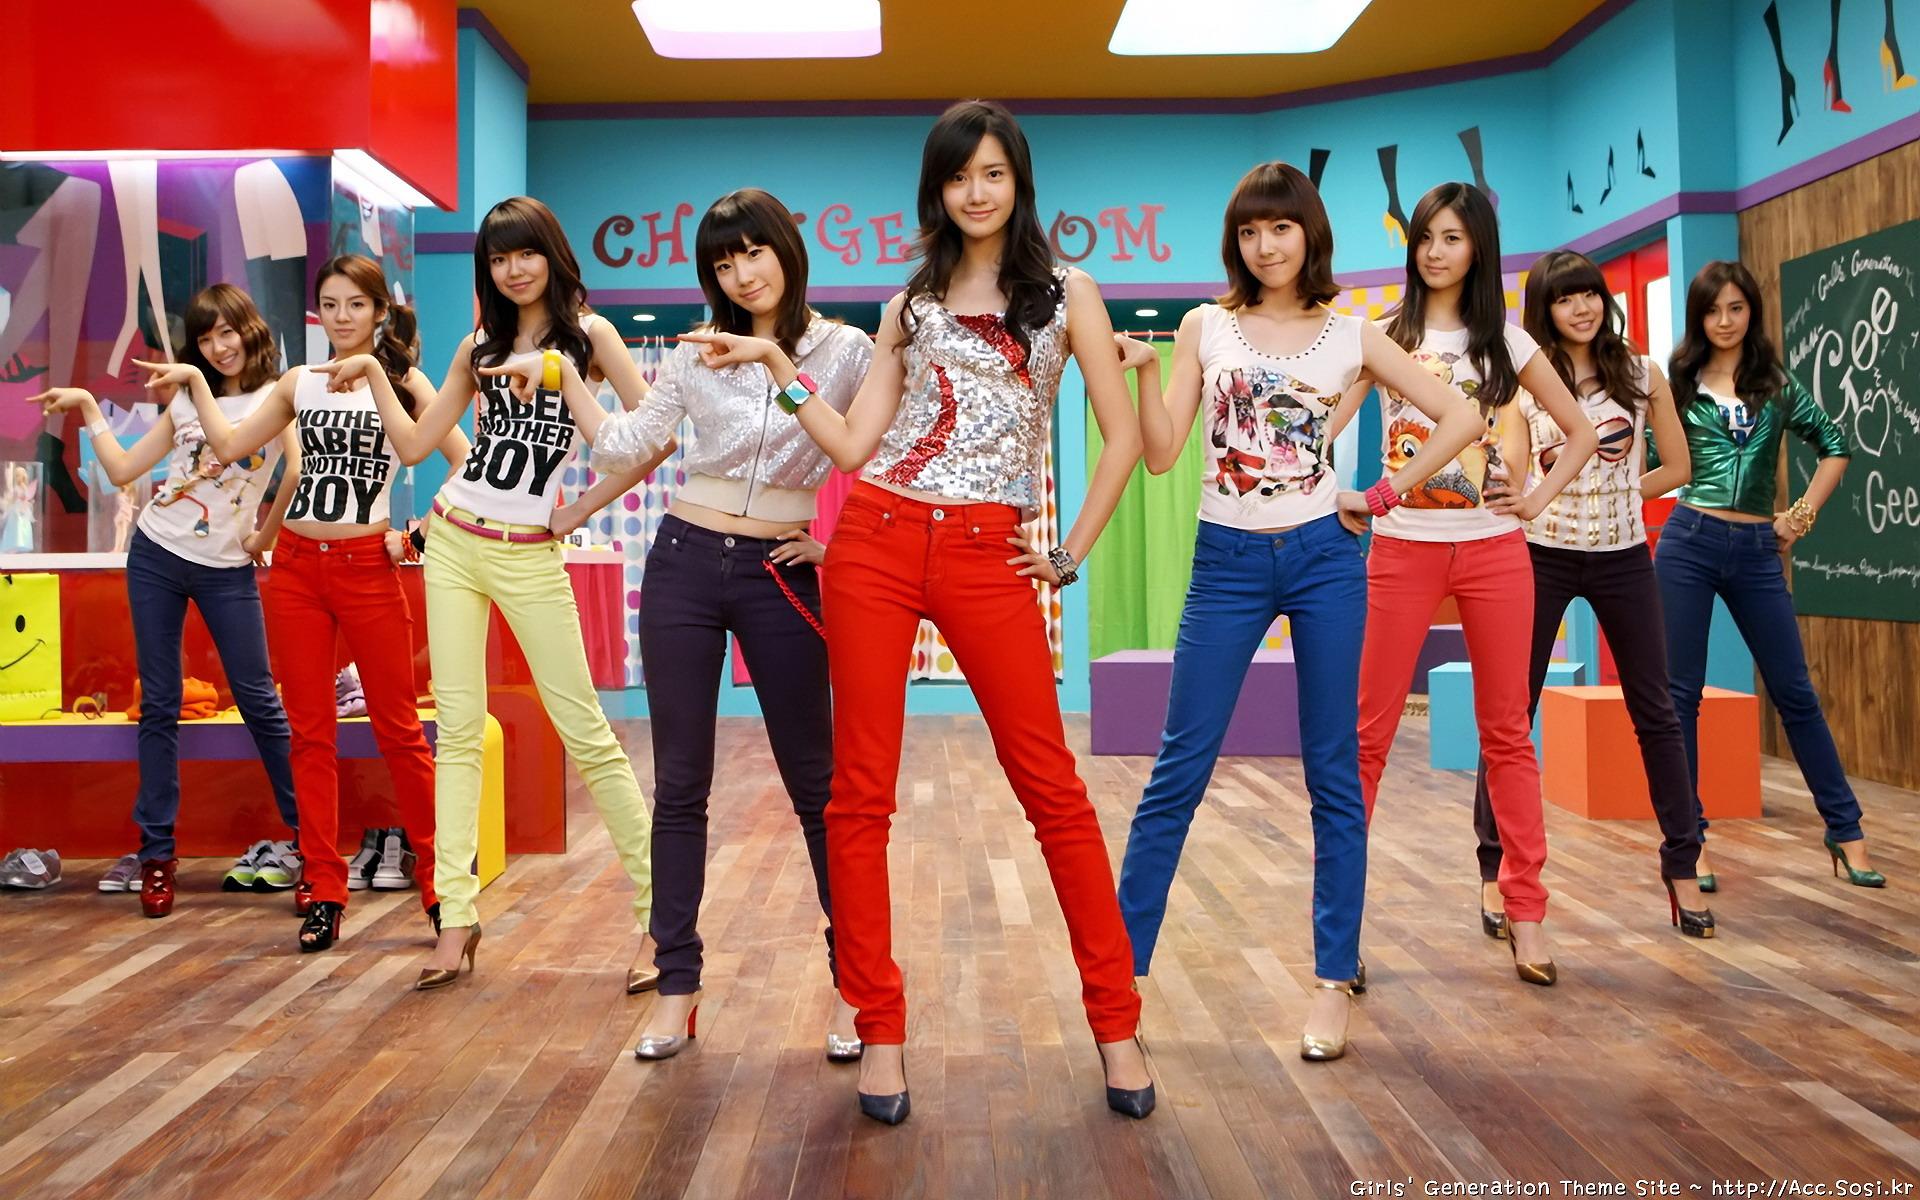 少女时代 韩国美女组合 宽屏壁纸(壁纸1)